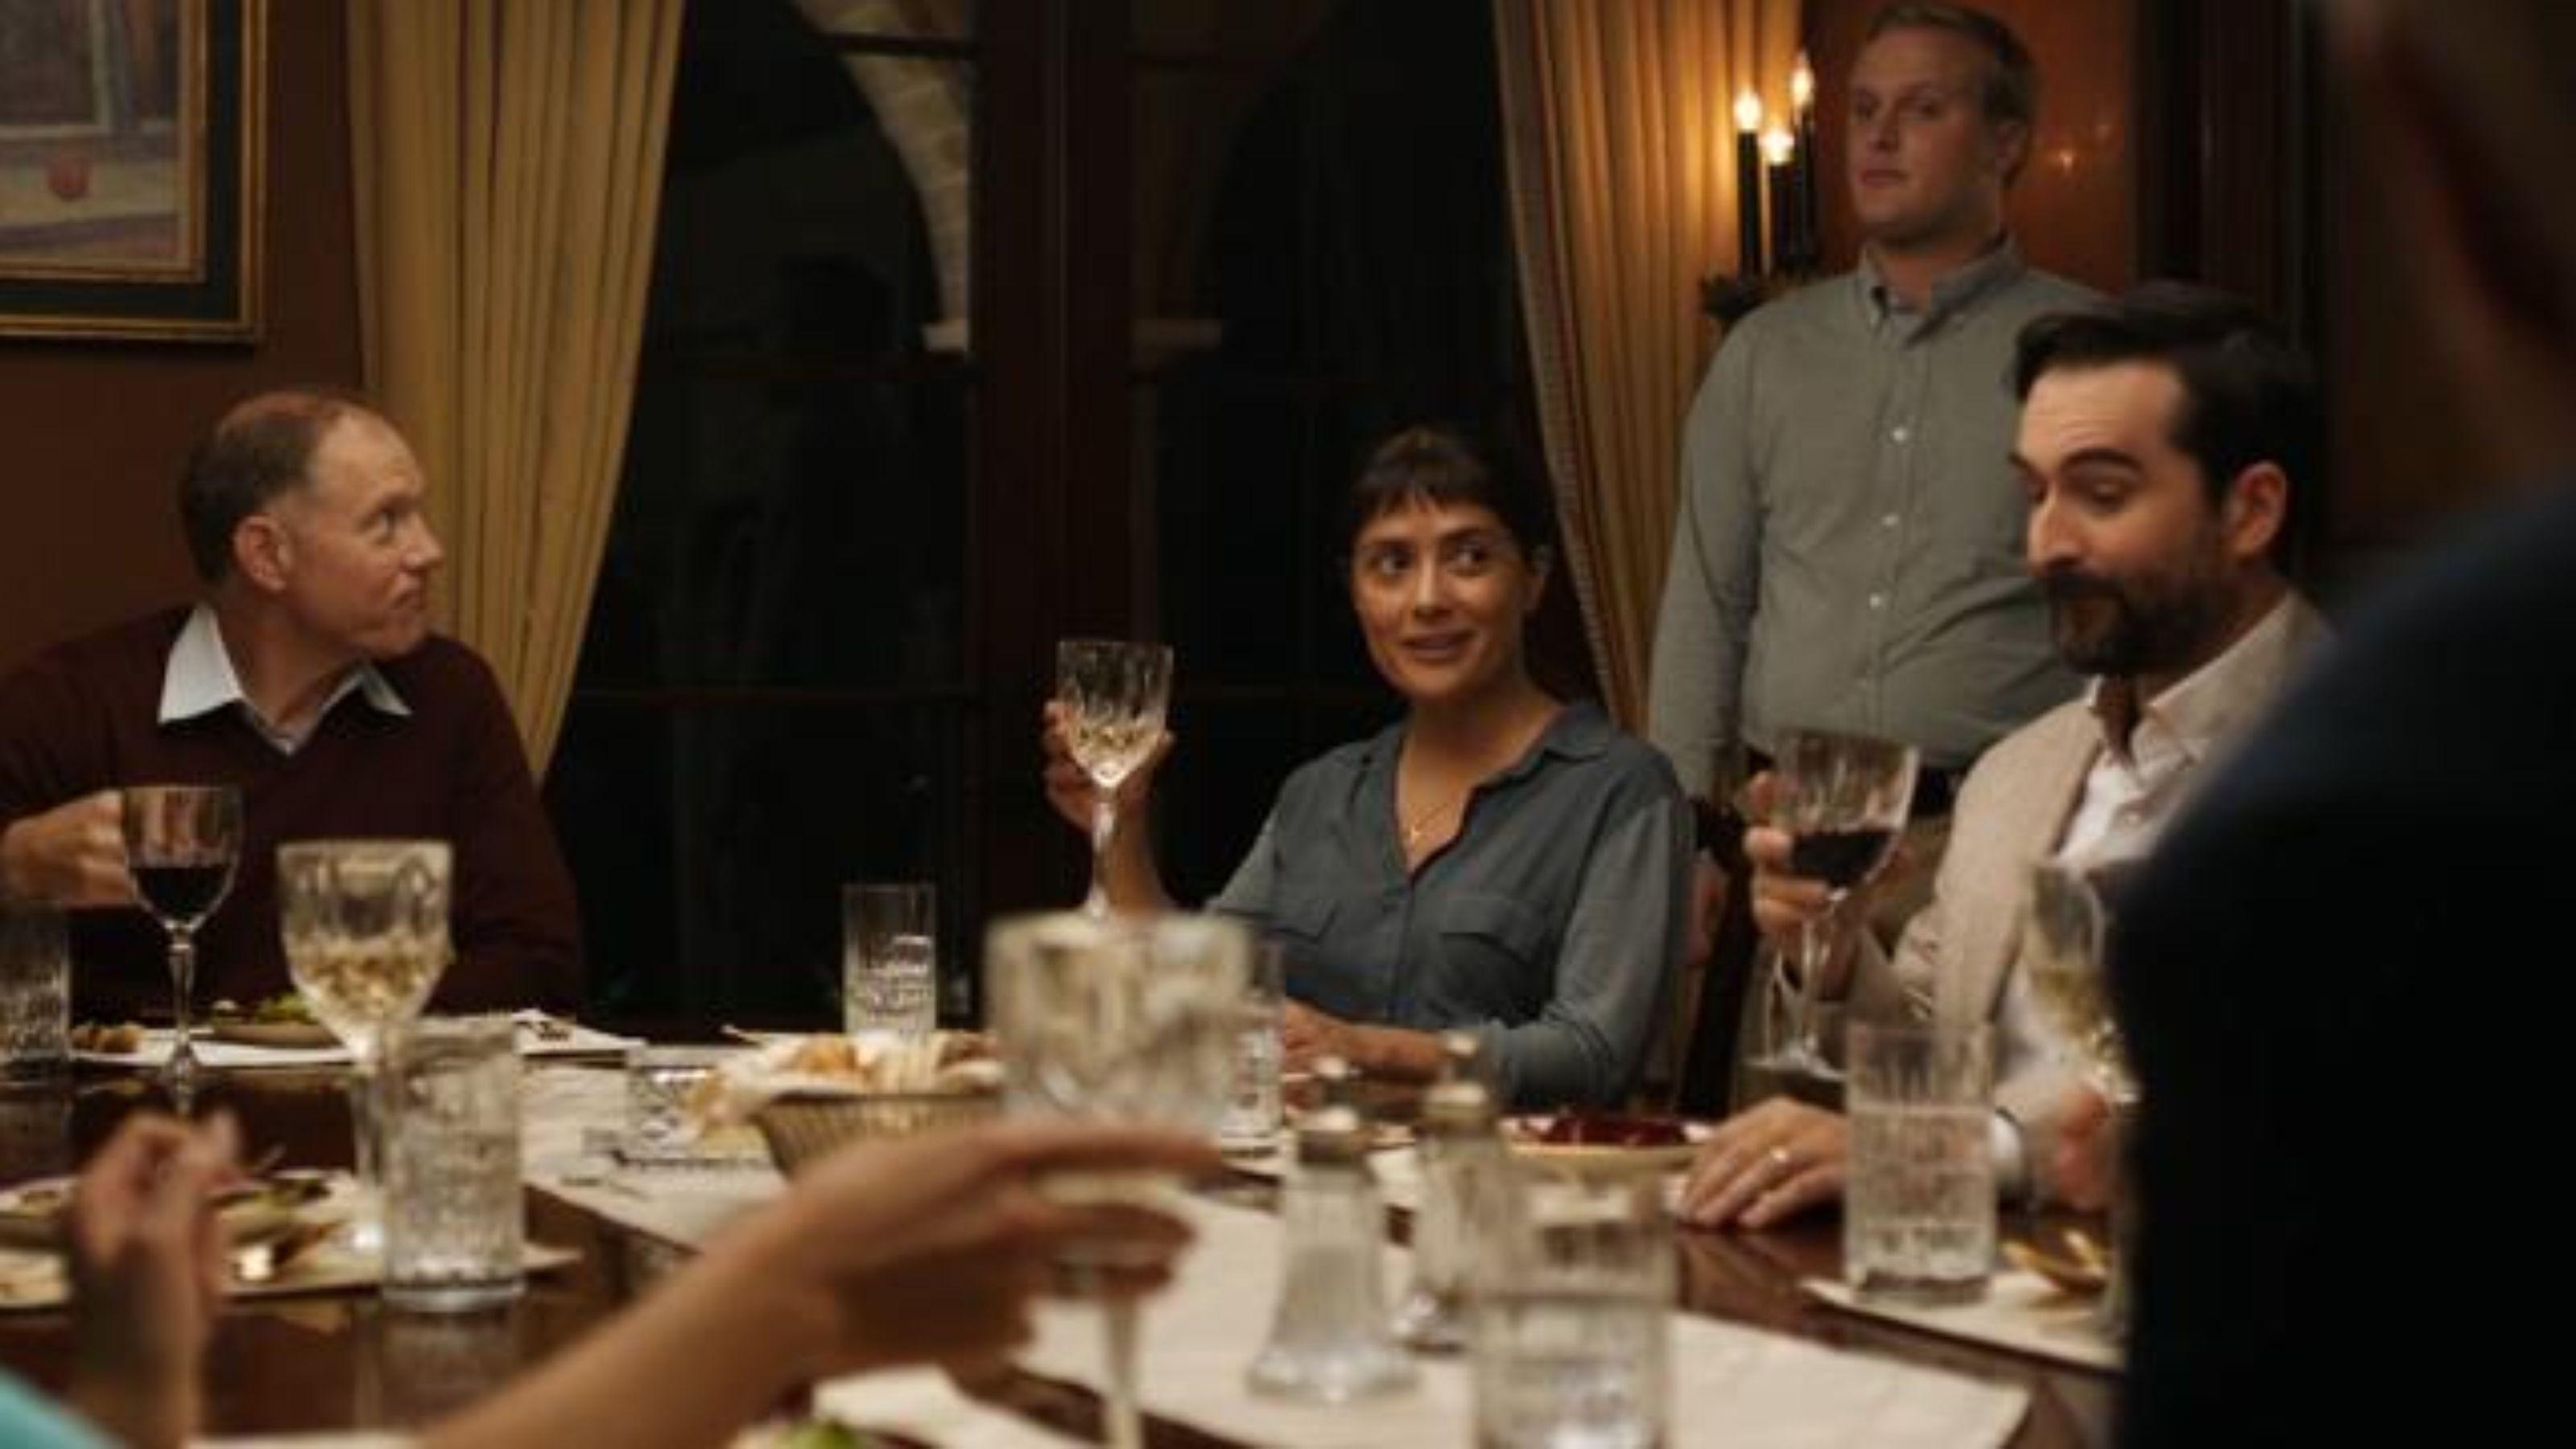 The Dinner Trailer  Trailer Beatriz at Dinner